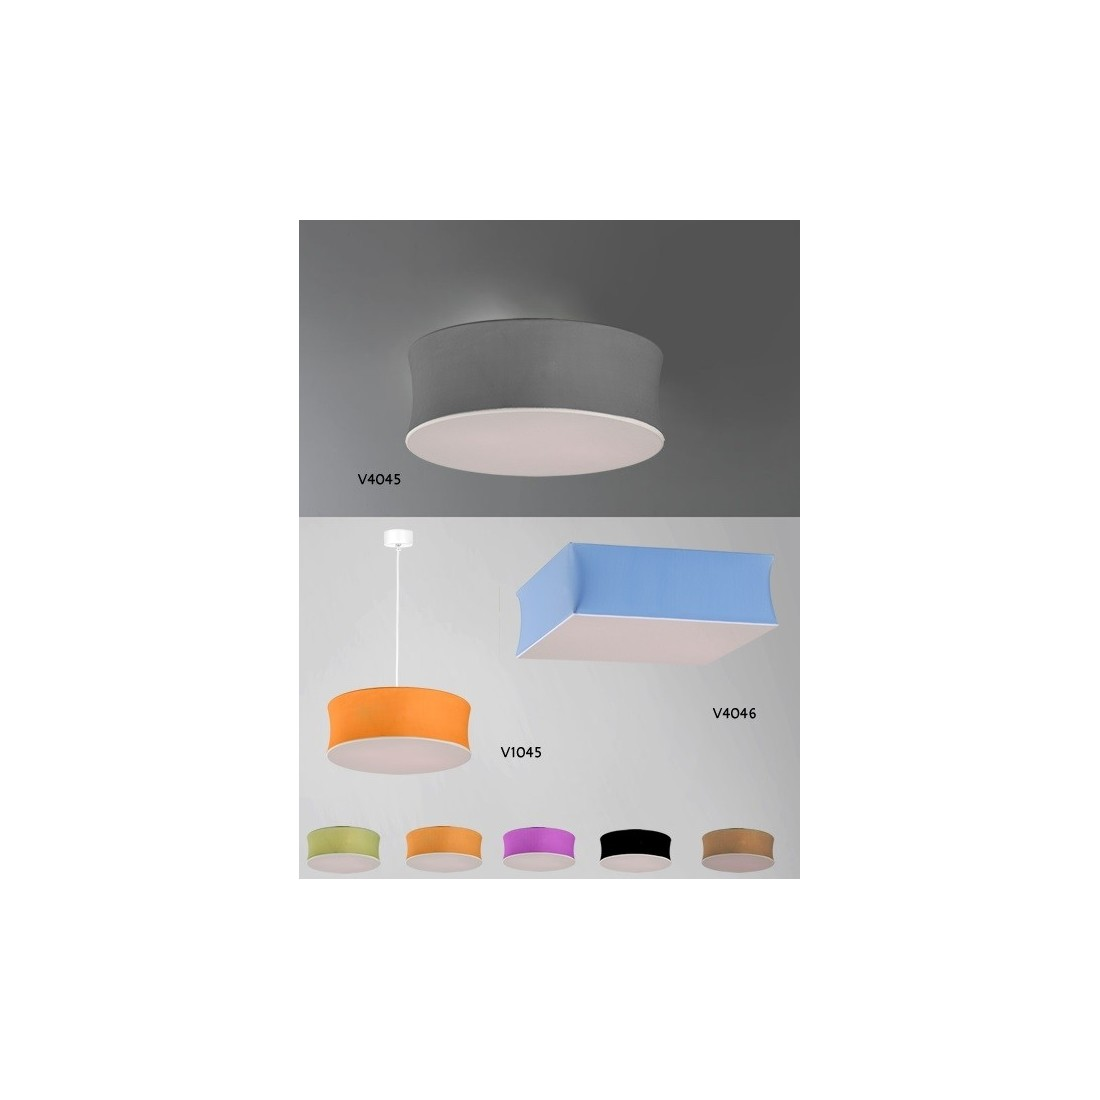 Lamparas infantiles lamparas dormitorio ni o lamparas - Lamparas de techo habitacion ...